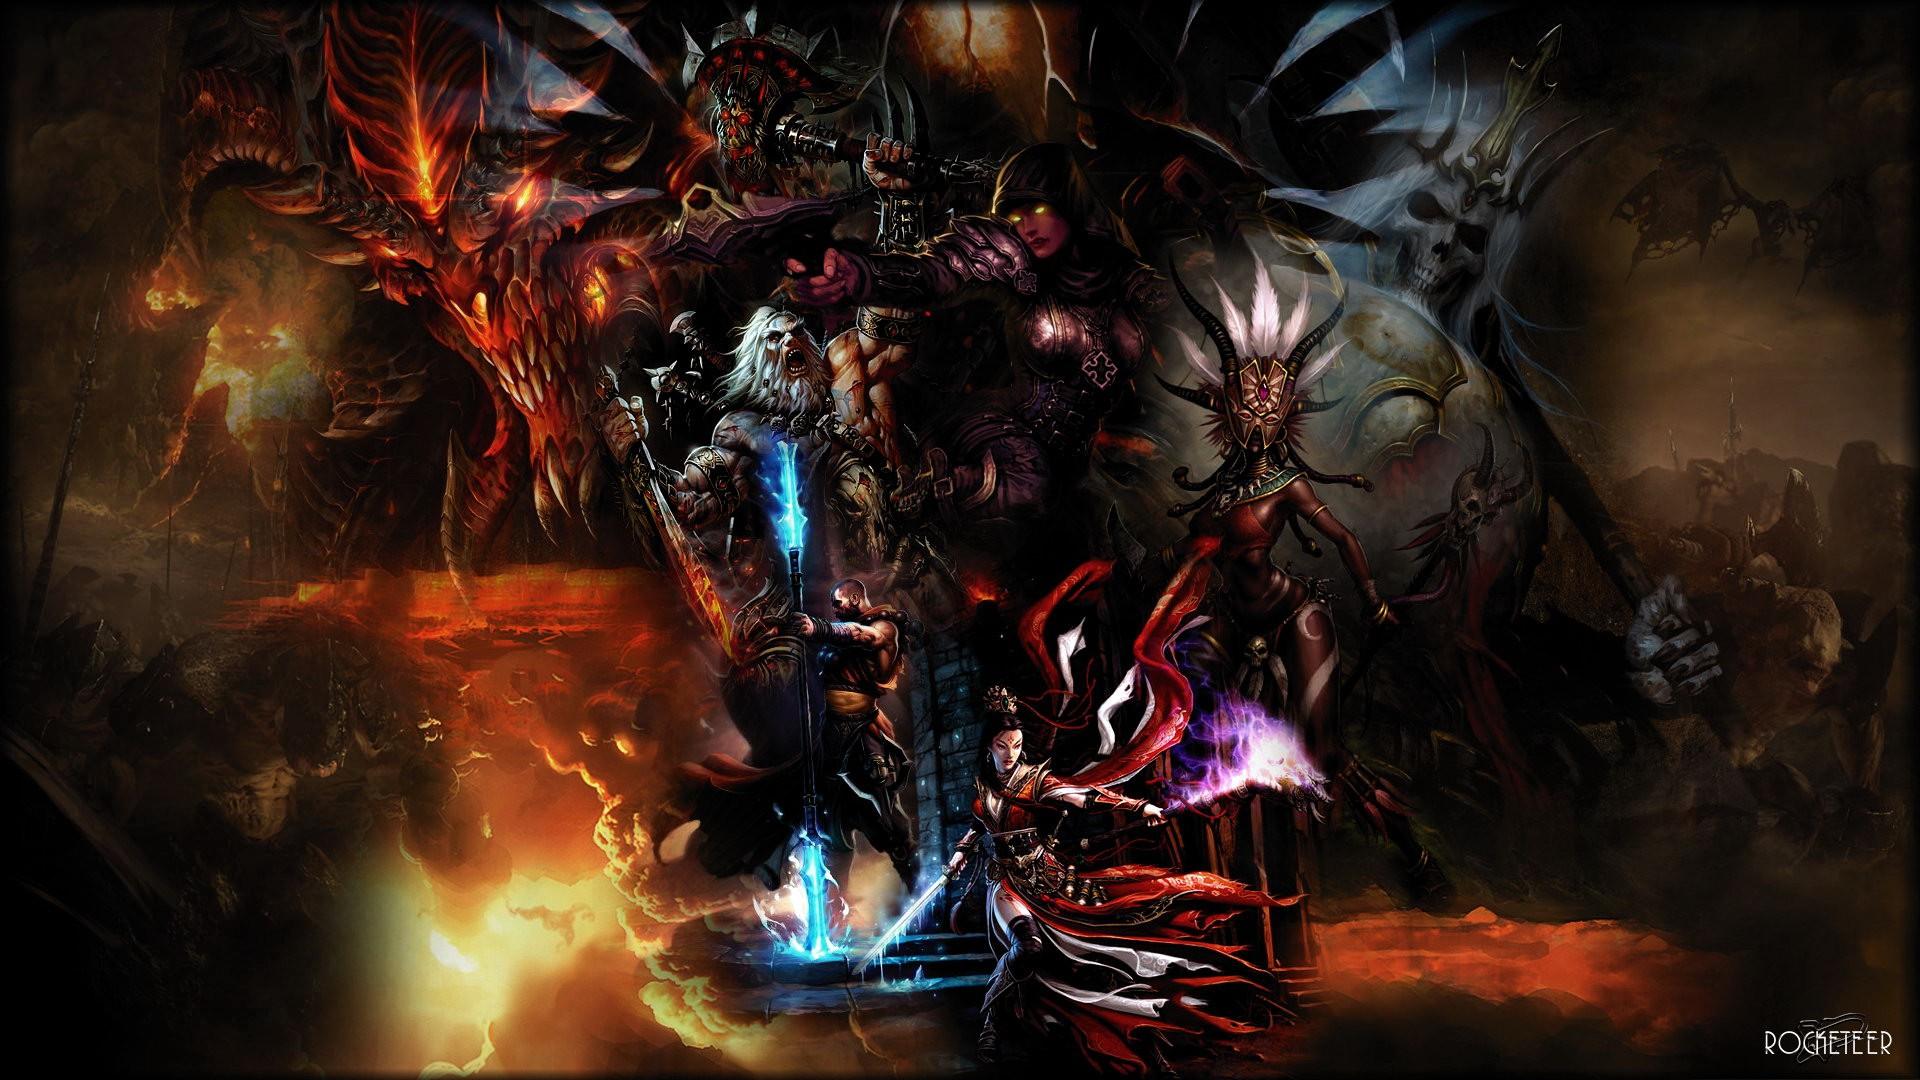 Diablo III Wallpaper 1920x1080 Diablo III 1920x1080